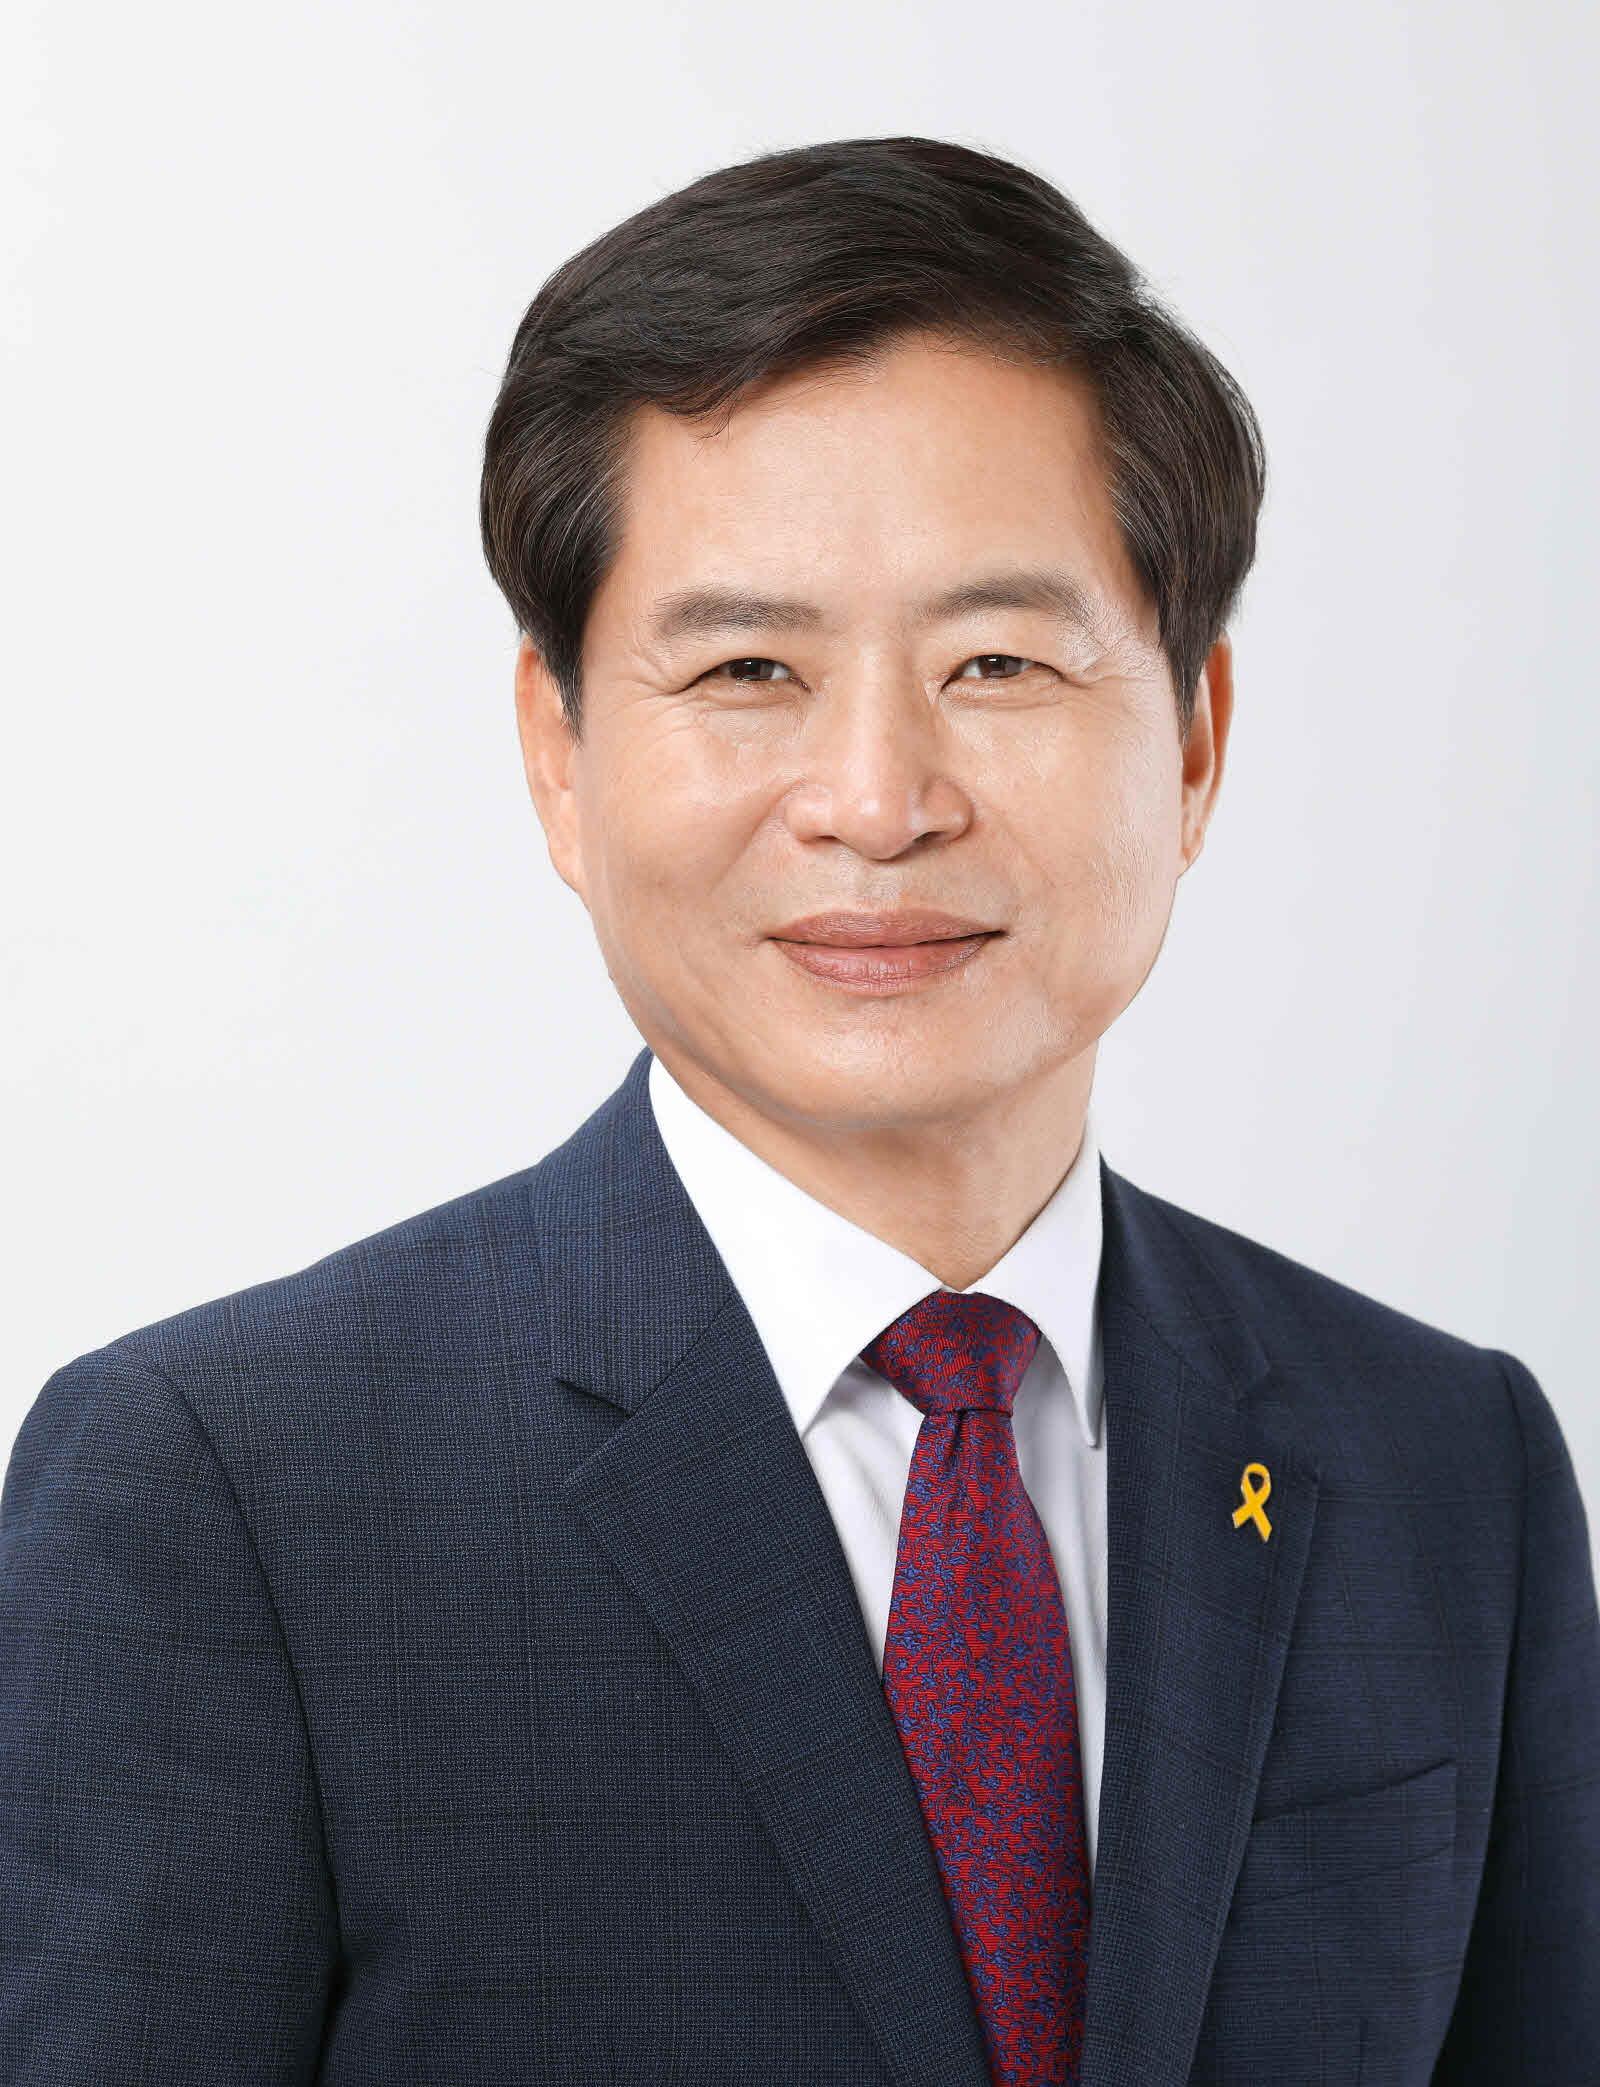 장석웅 전남교육감 직무수행 지지도 3개월 연속 전국 1위